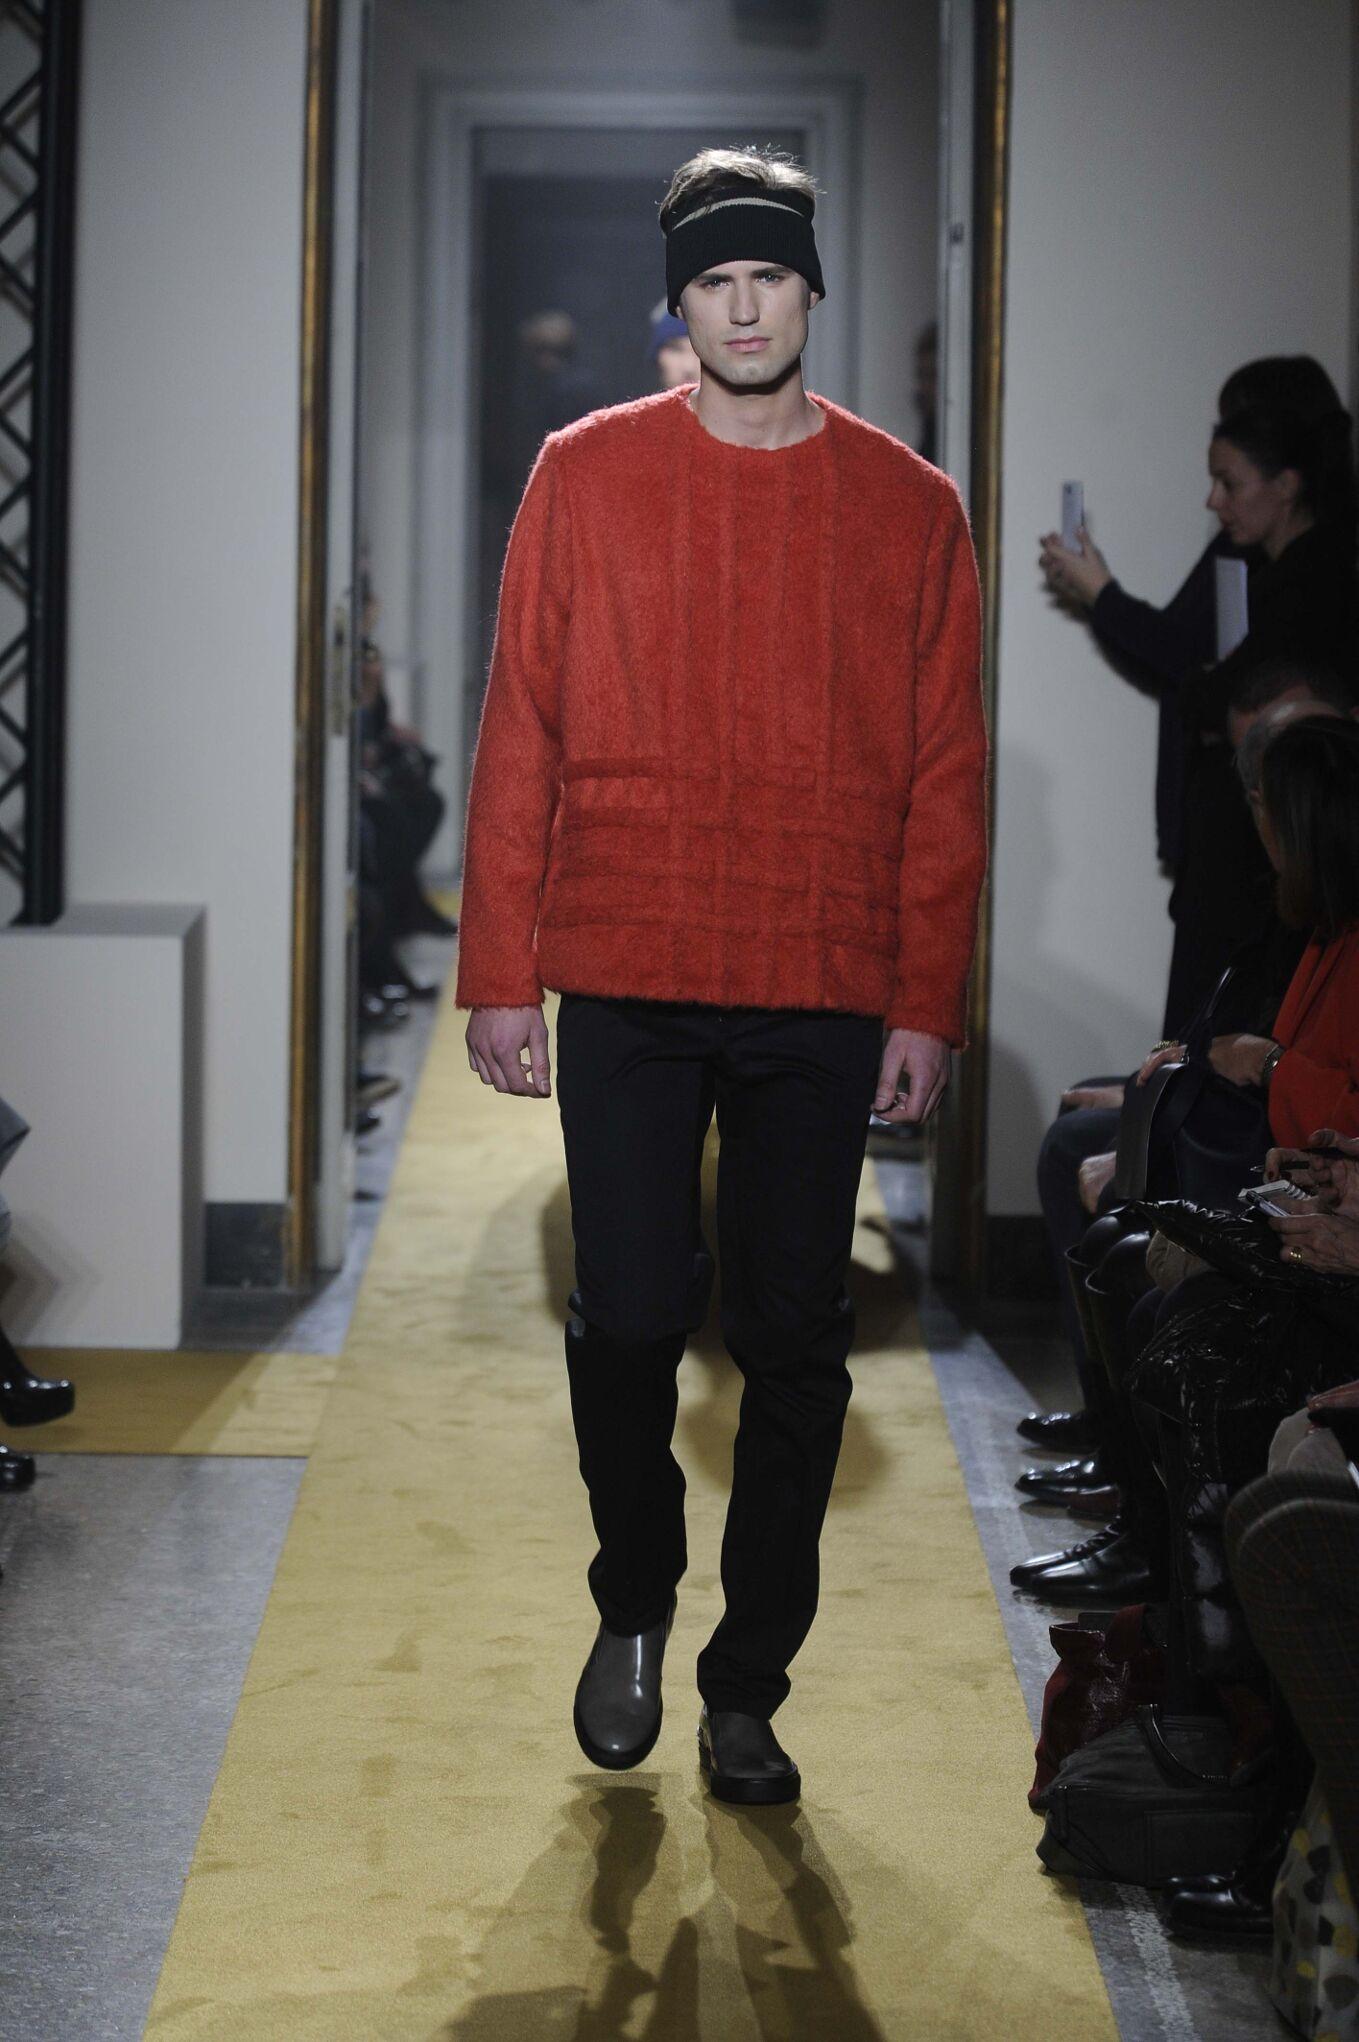 Andrea Incontri Fashion Trends